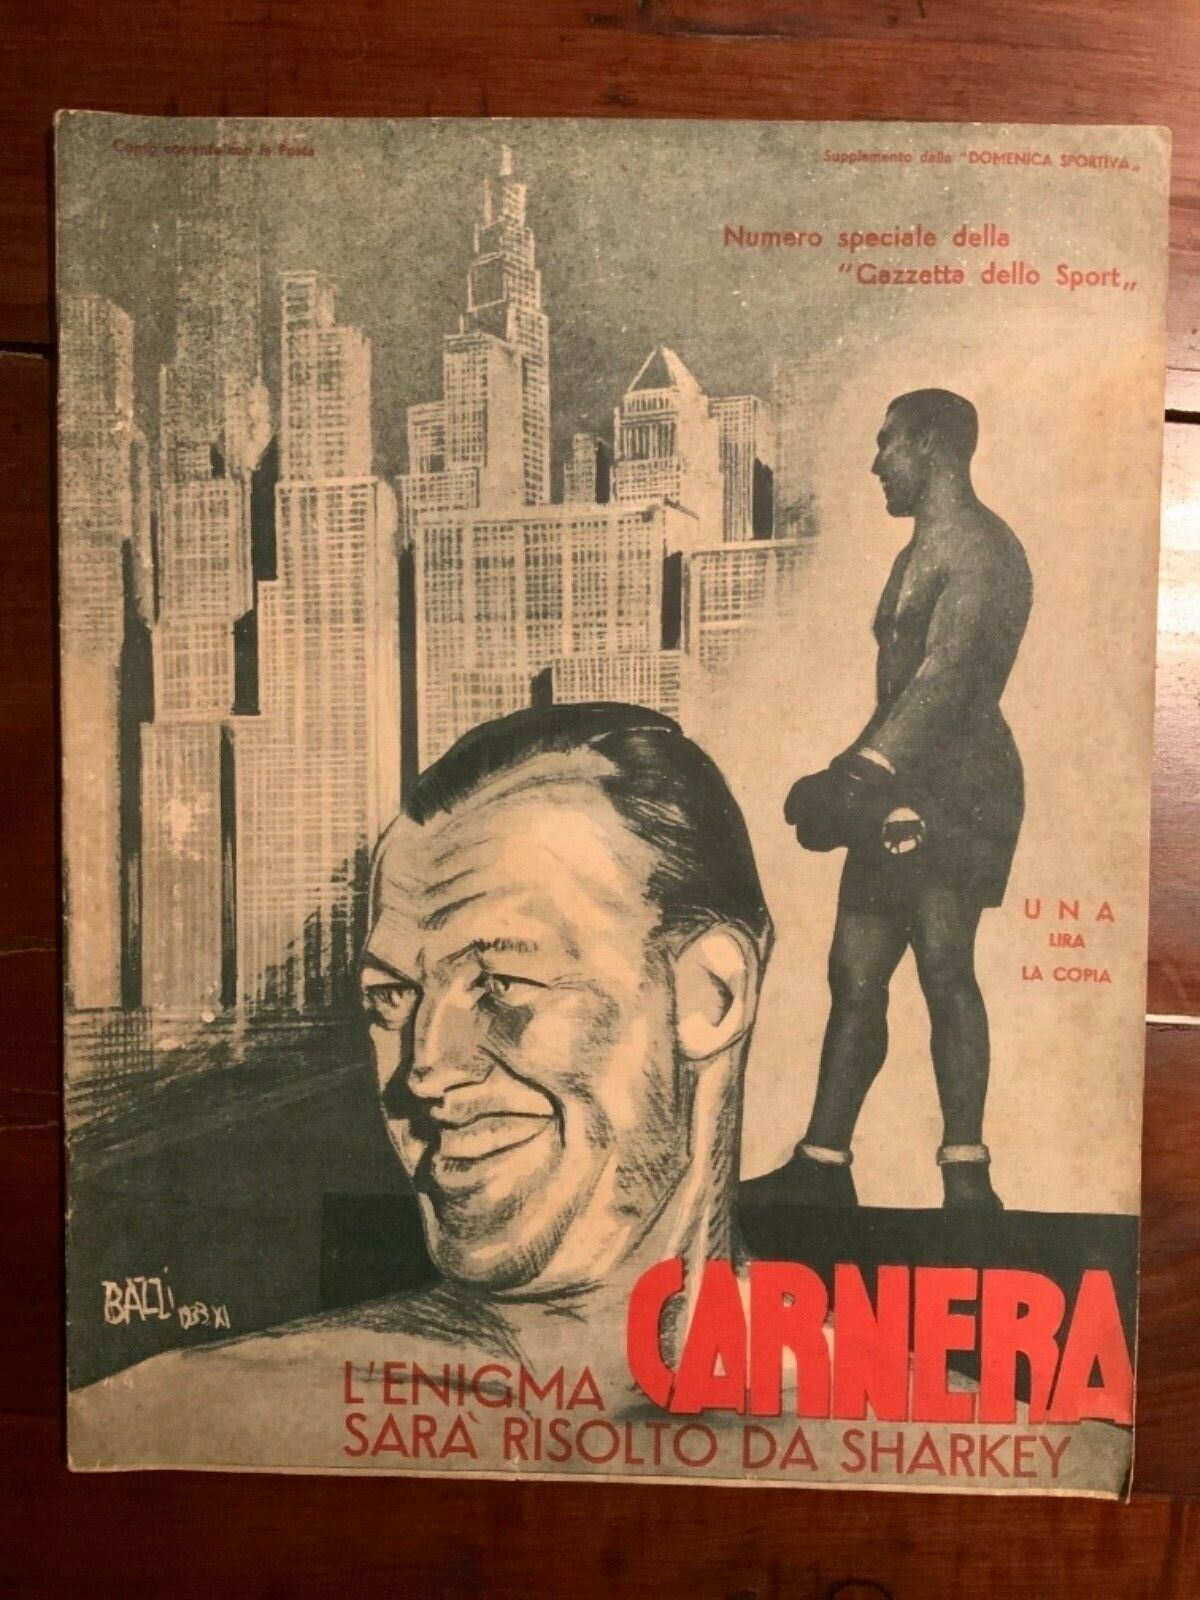 """Rarissimo numero unico: """"L'enigma Carnera sarà risolto da Sharkey"""" (1933)"""